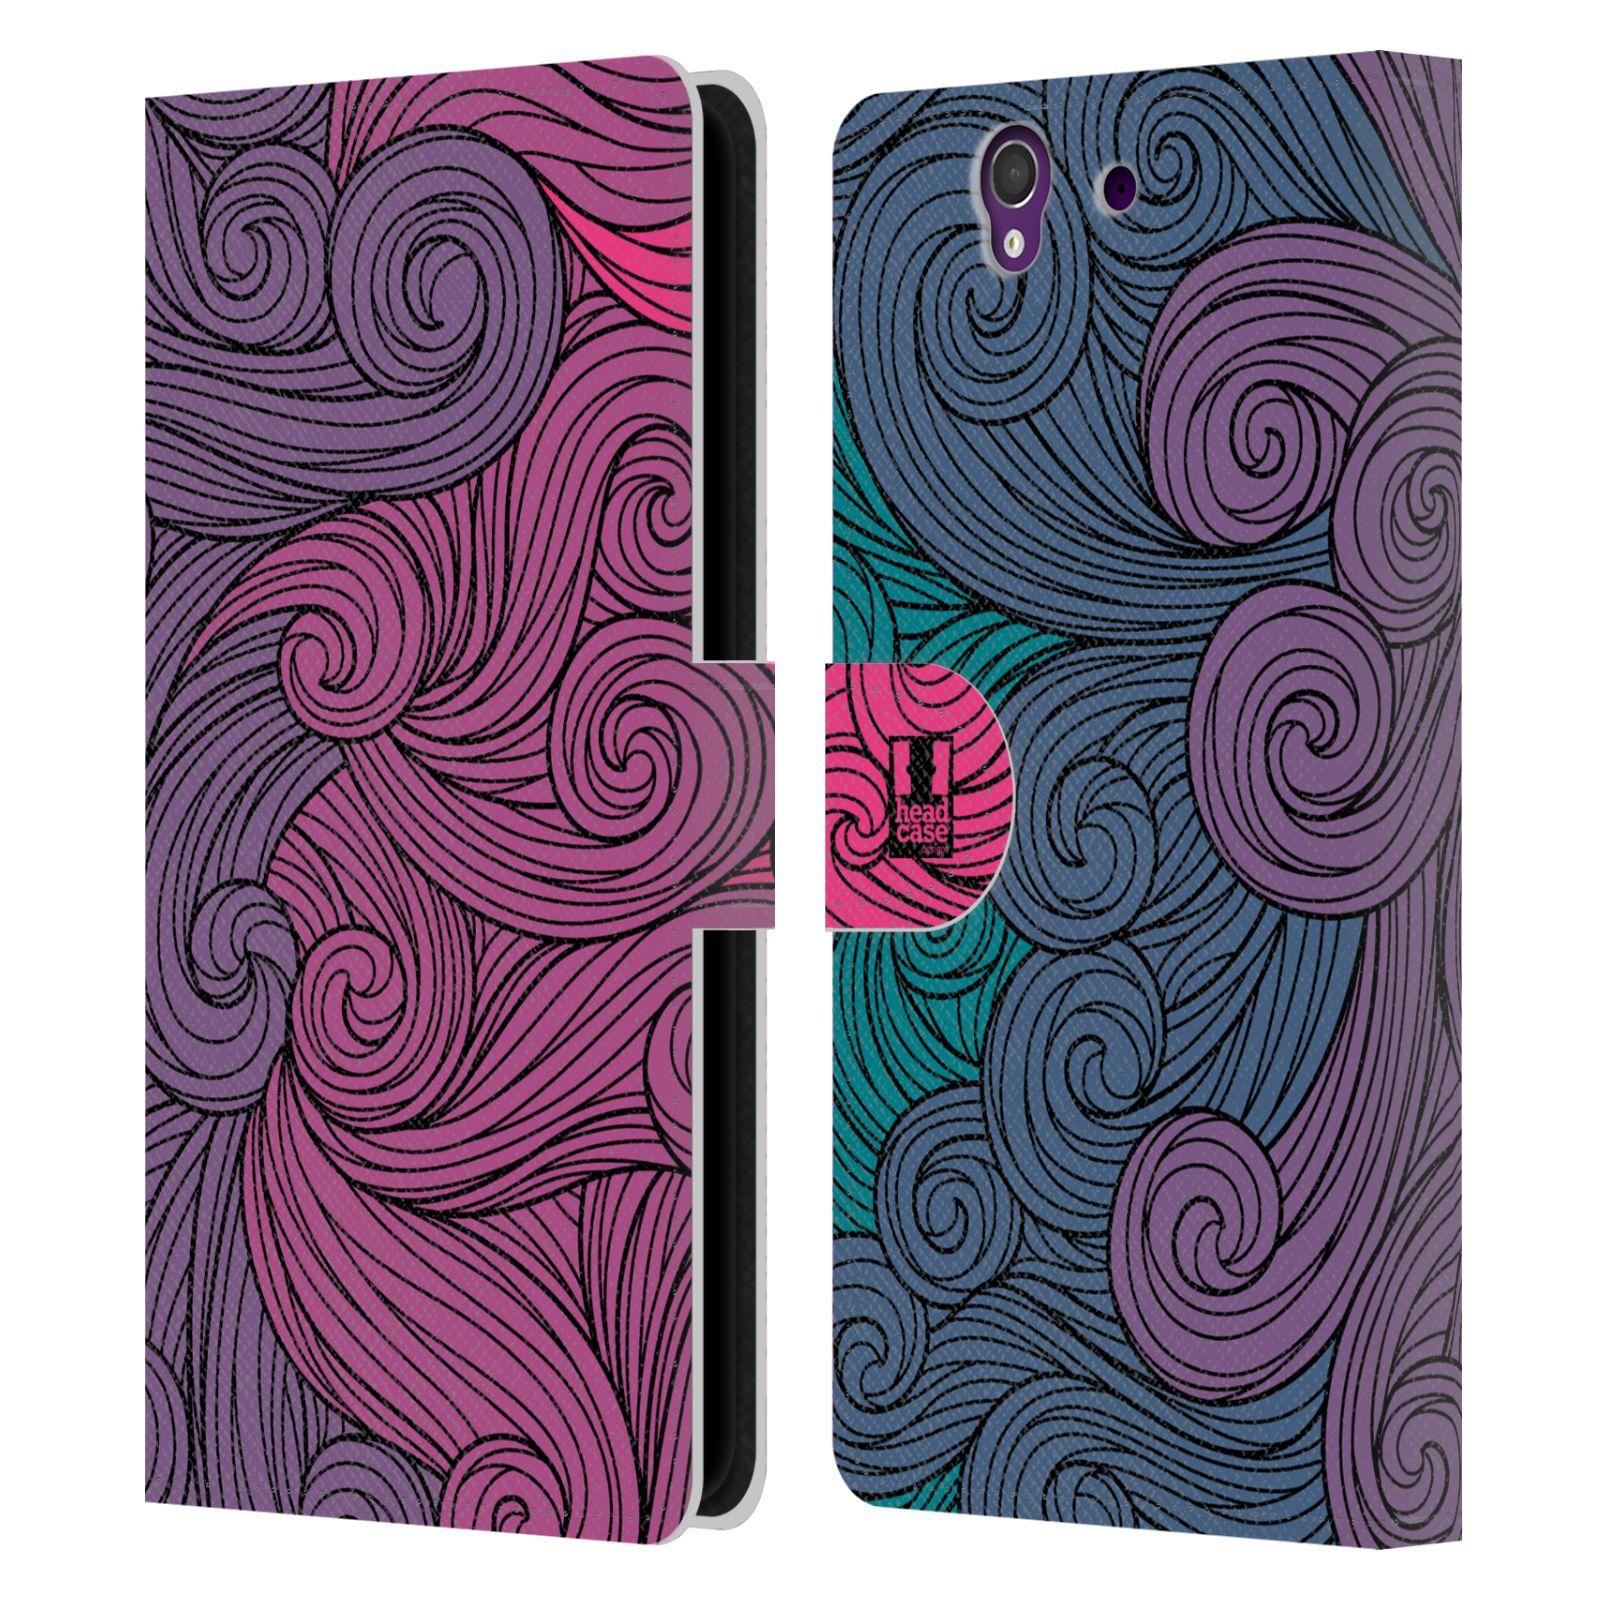 HEAD CASE Flipové pouzdro pro mobil SONY XPERIA Z (C6603) barevné vlny růžová a modrá